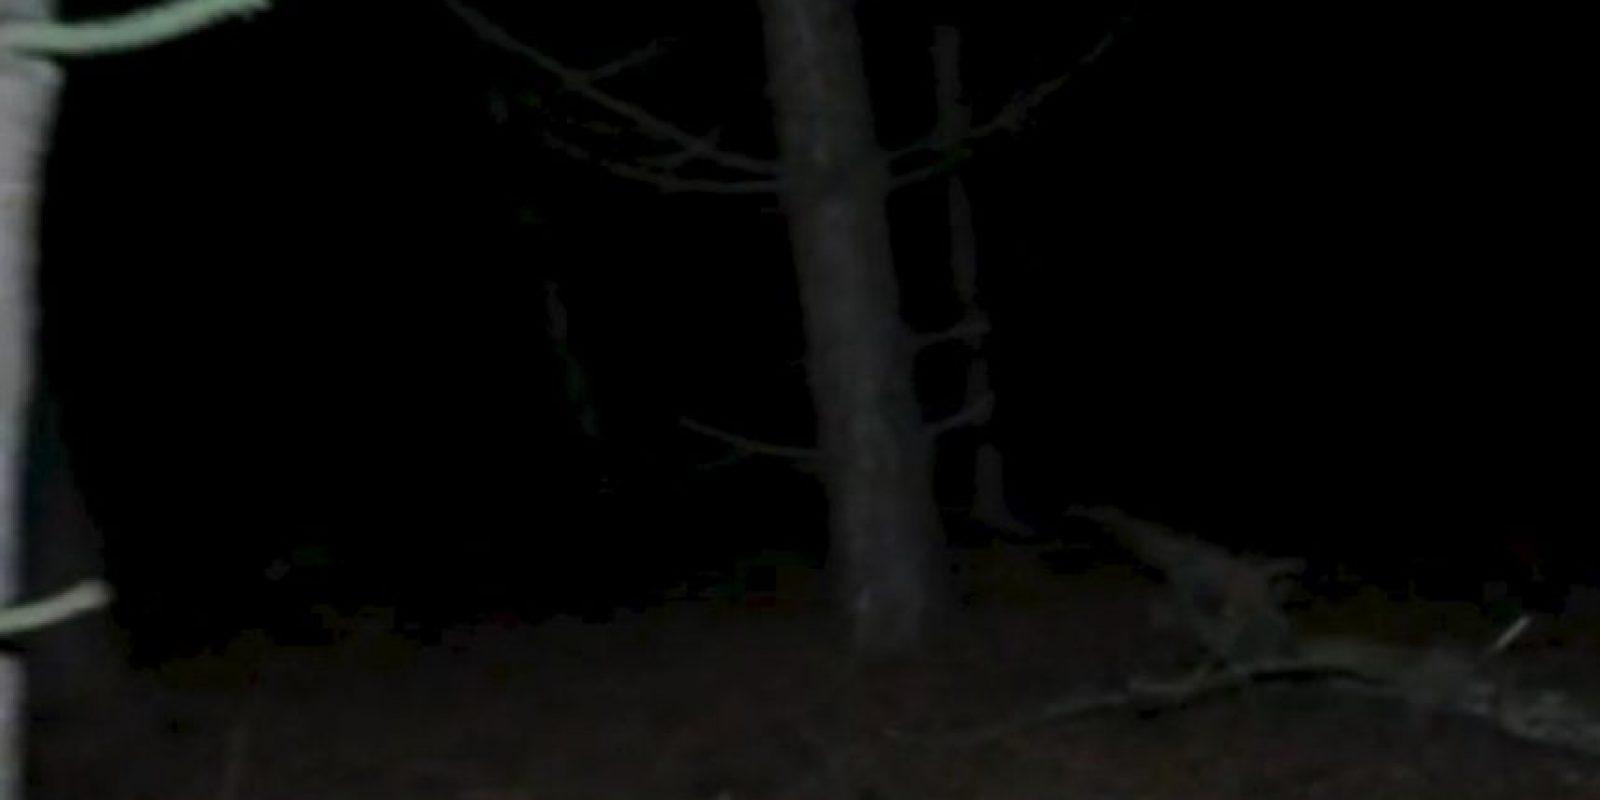 """8. El grupo de investigadores de """"Haunted Finders TV"""" asegura haber capturado una imagen de video donde se observa la presencia de """"un ente extraño"""". Foto:Via Hunted Finders"""